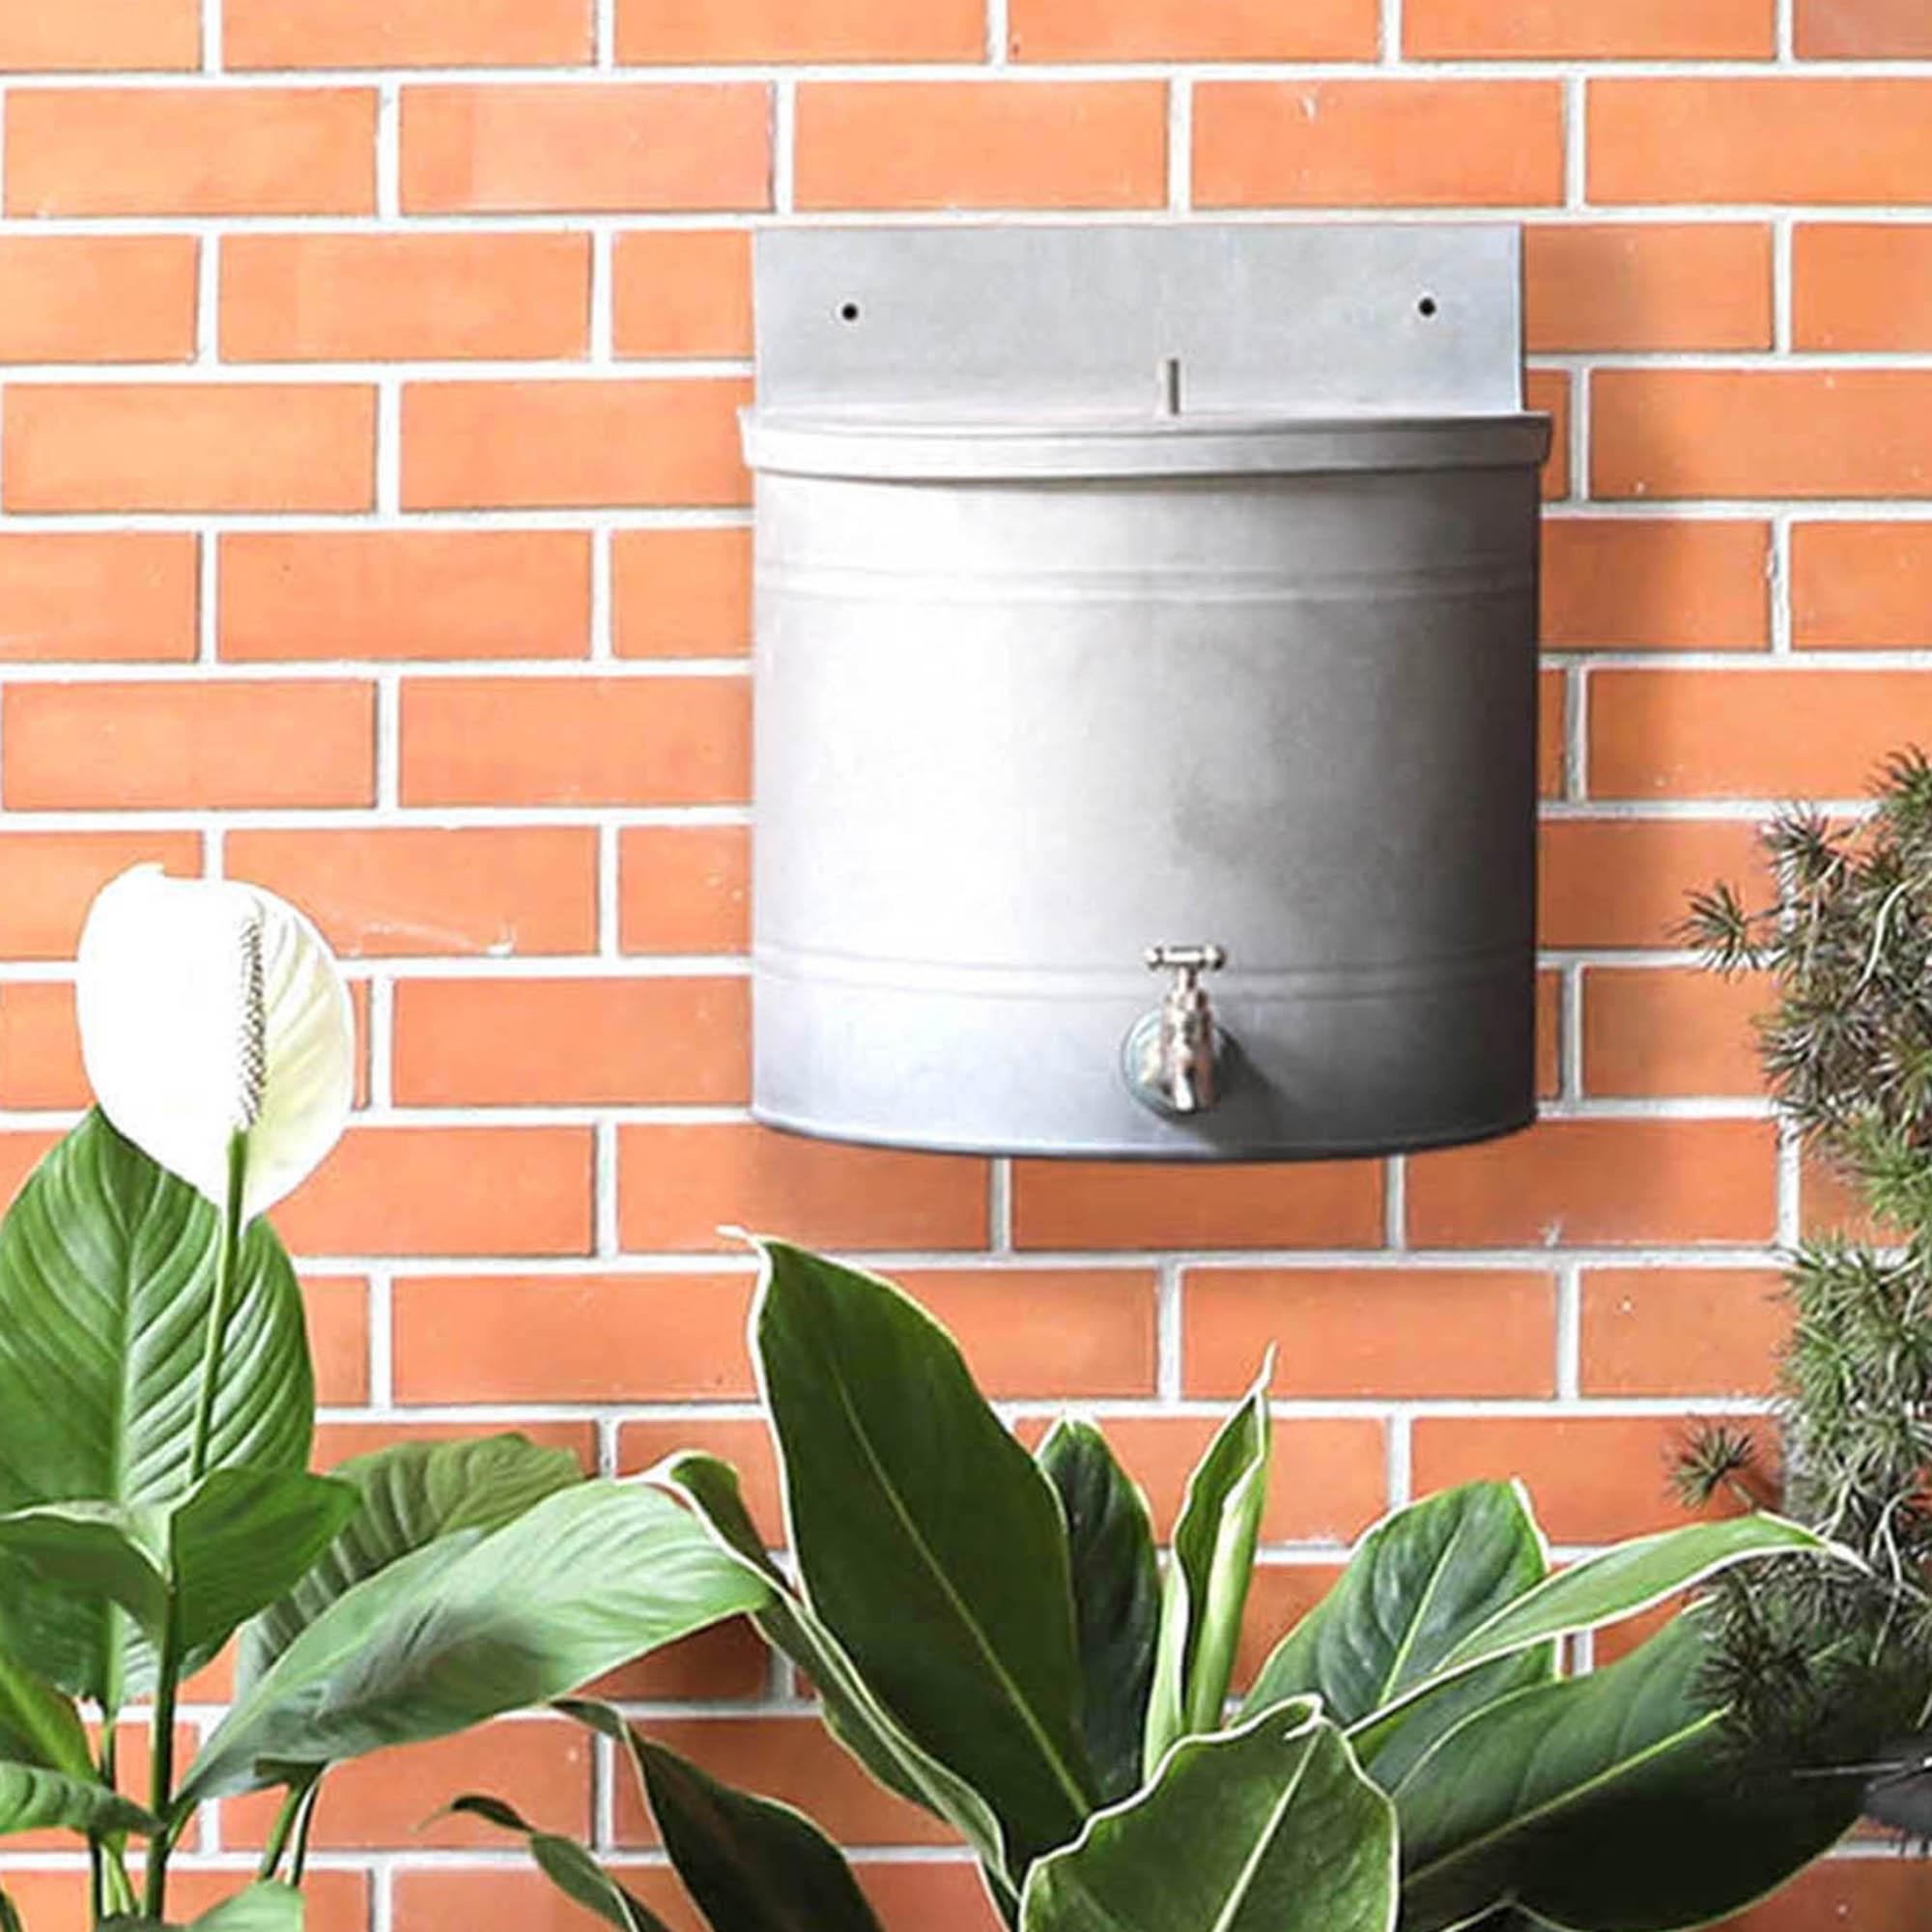 ถังเก็บน้ำ ในสวน | Garden Water Tank